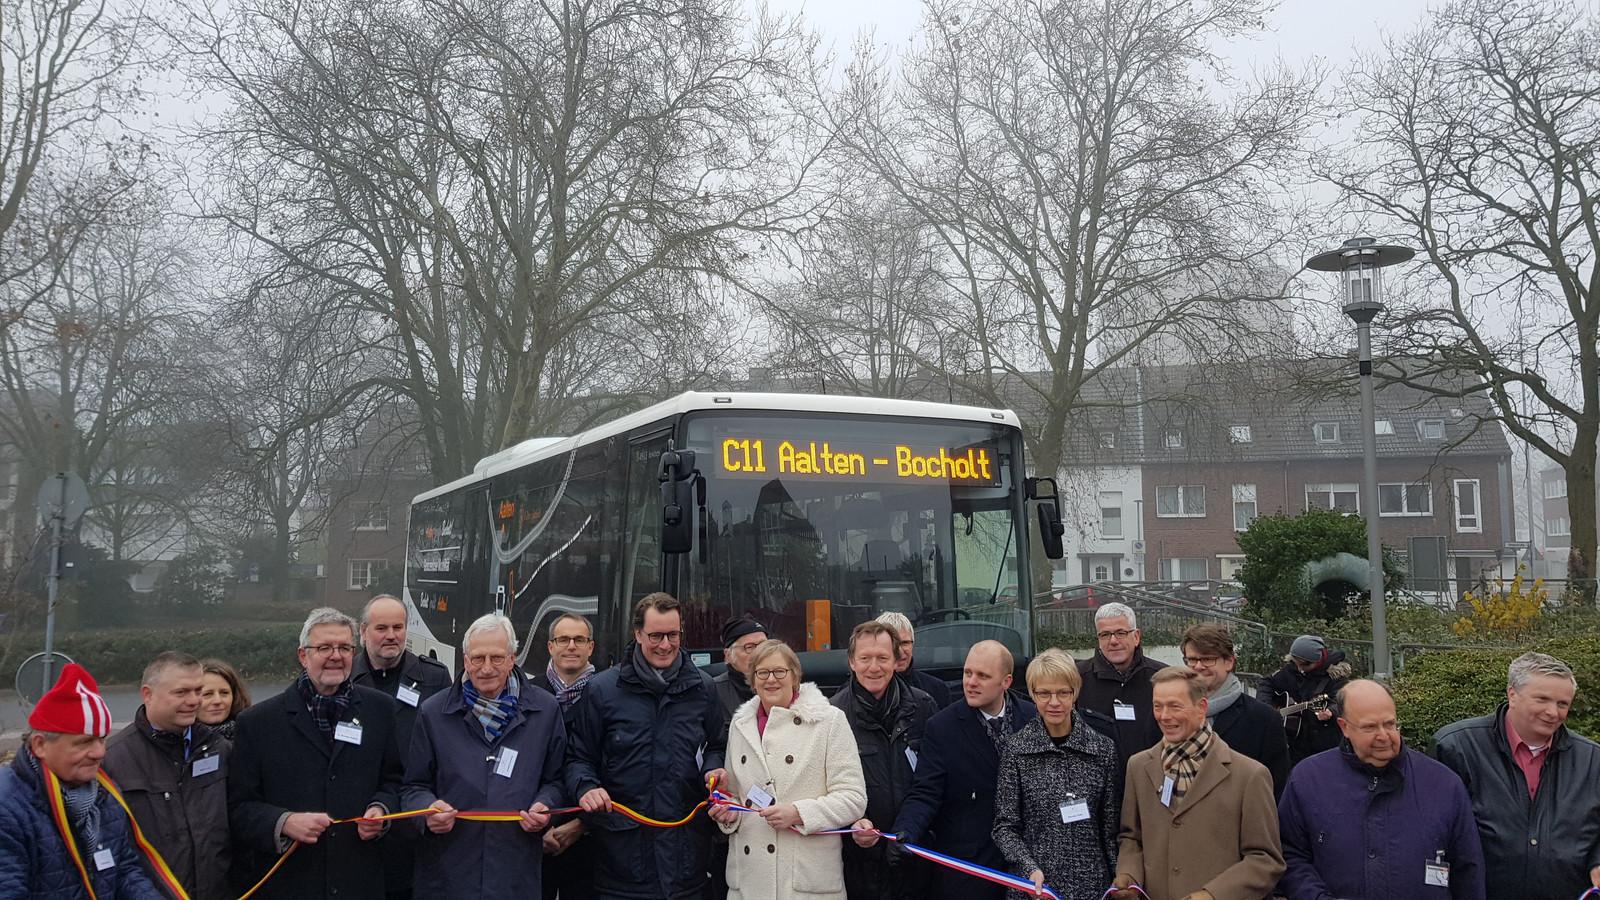 Blije gezichten bij de start van de proef met de buslijn Aalten-Bocholt in december 2017.